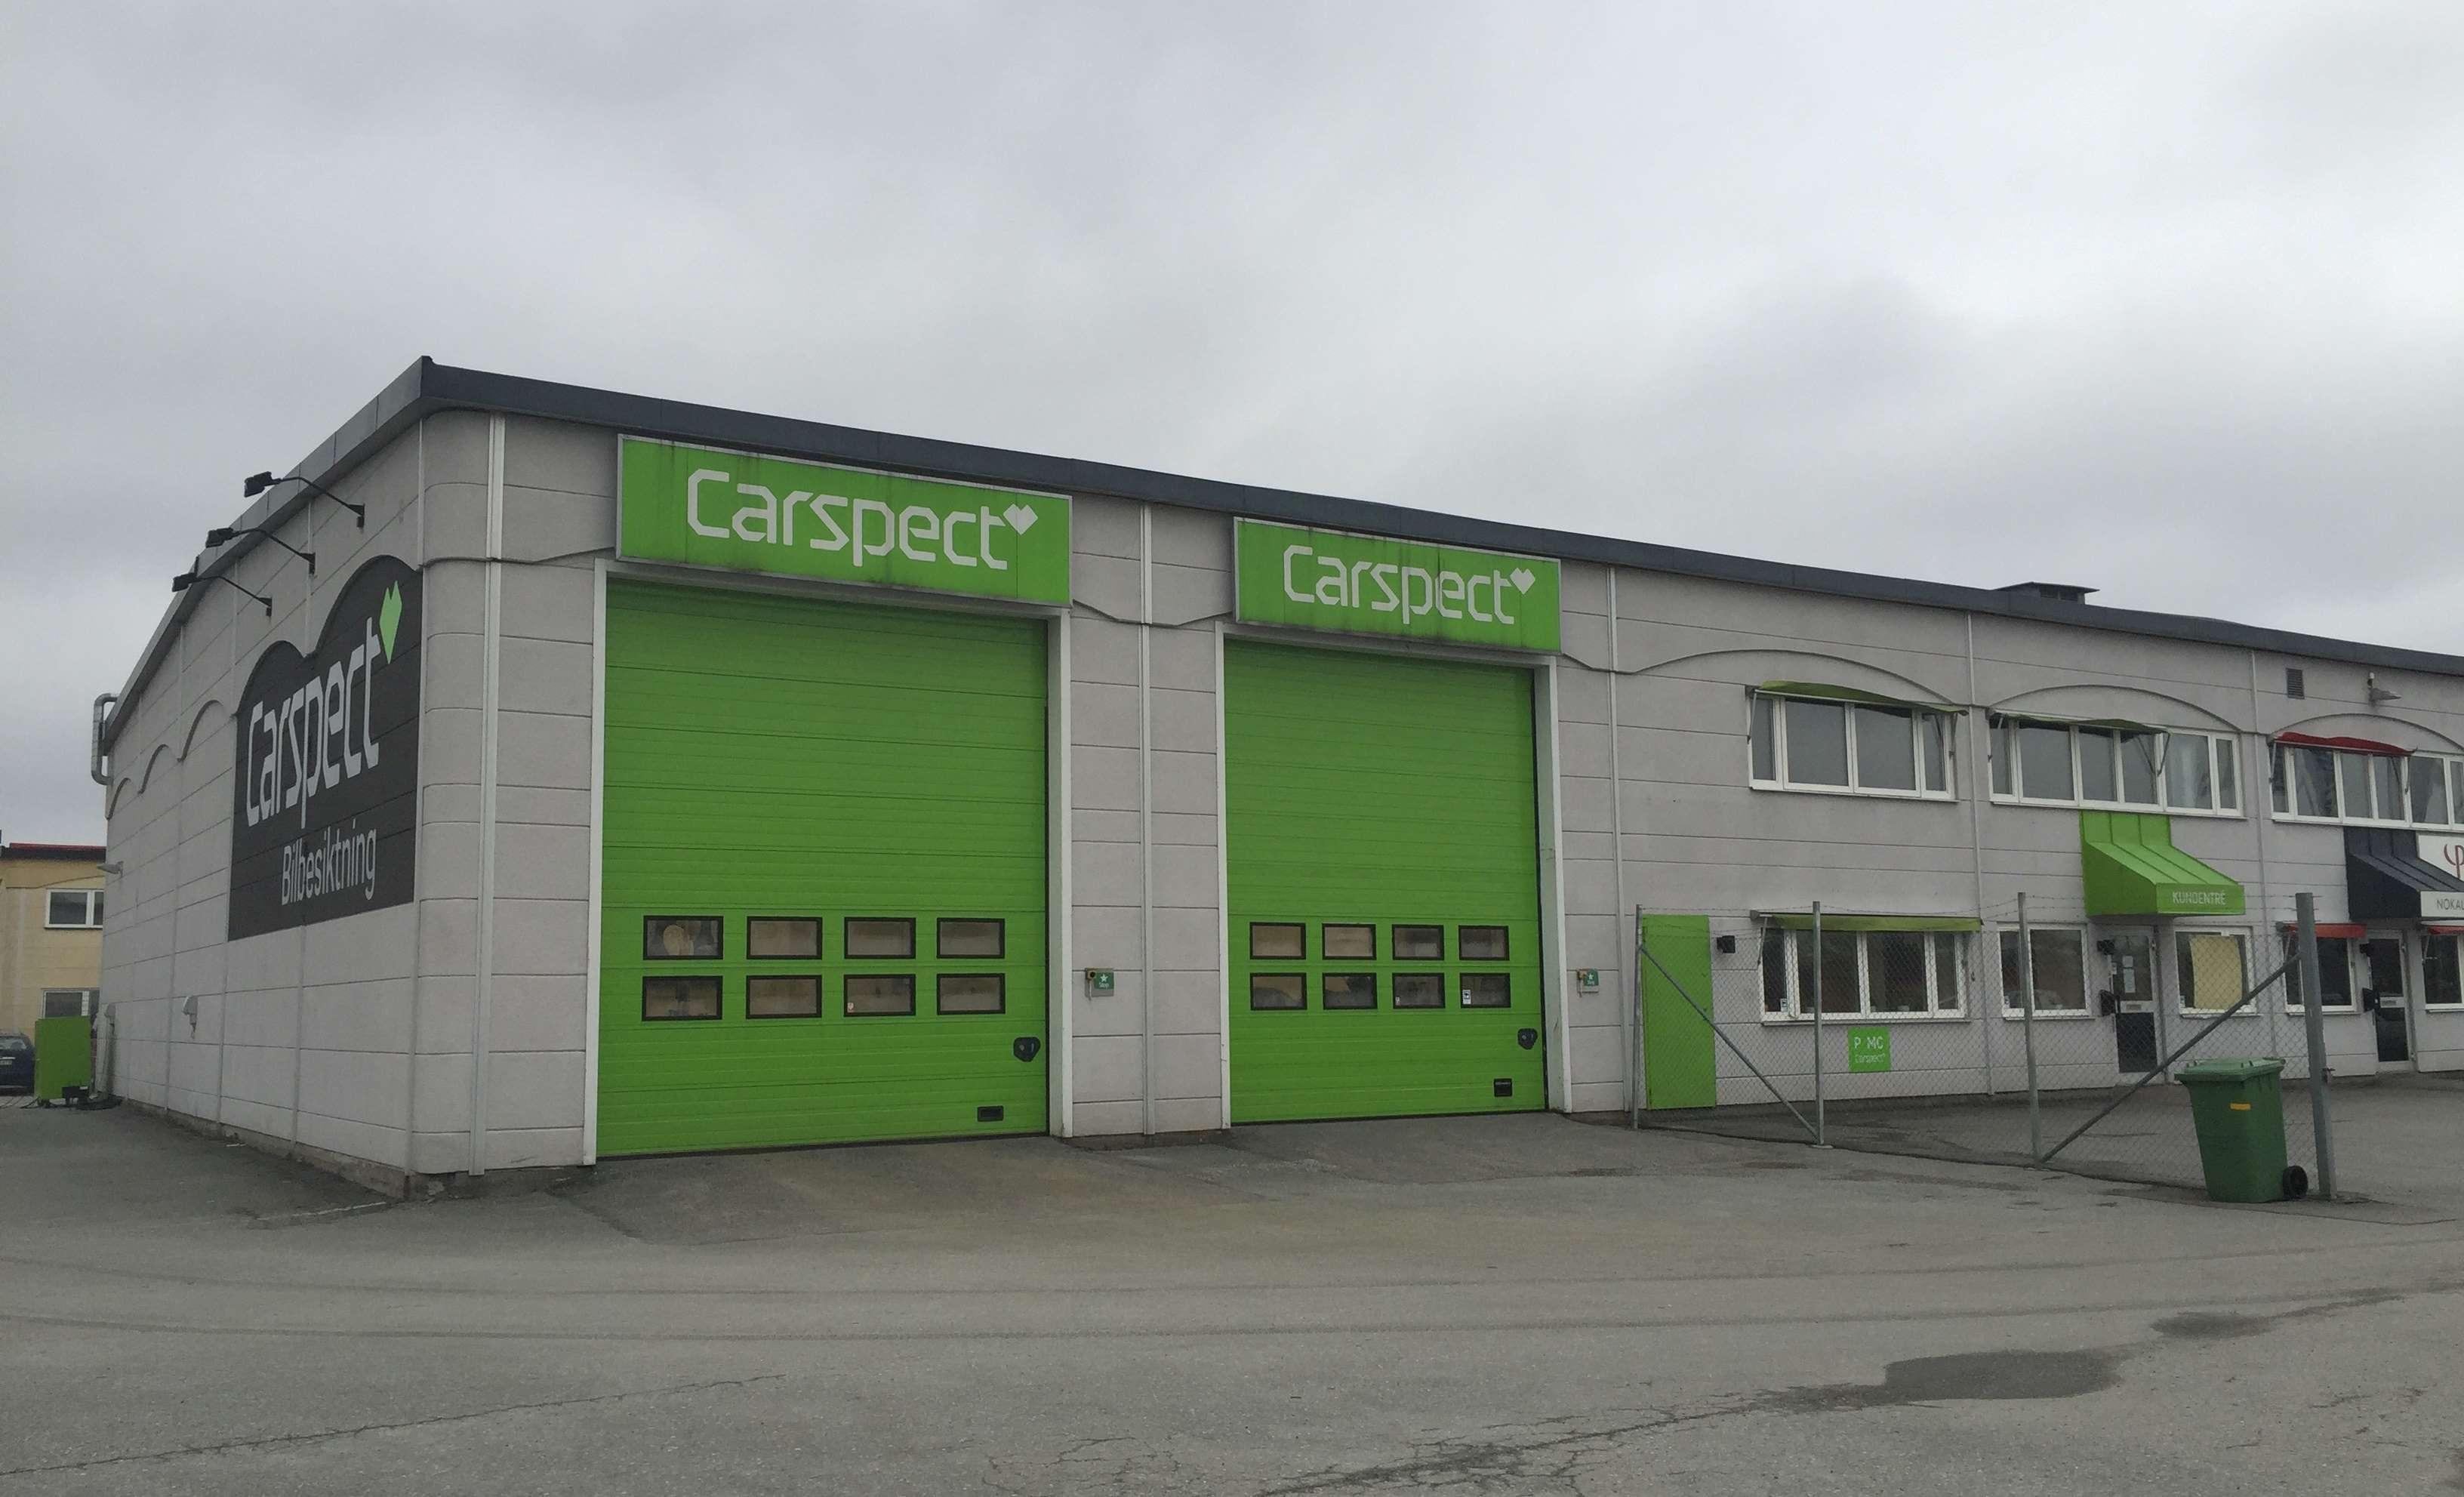 Carspects besiktningsstation i Örebro Eurostop